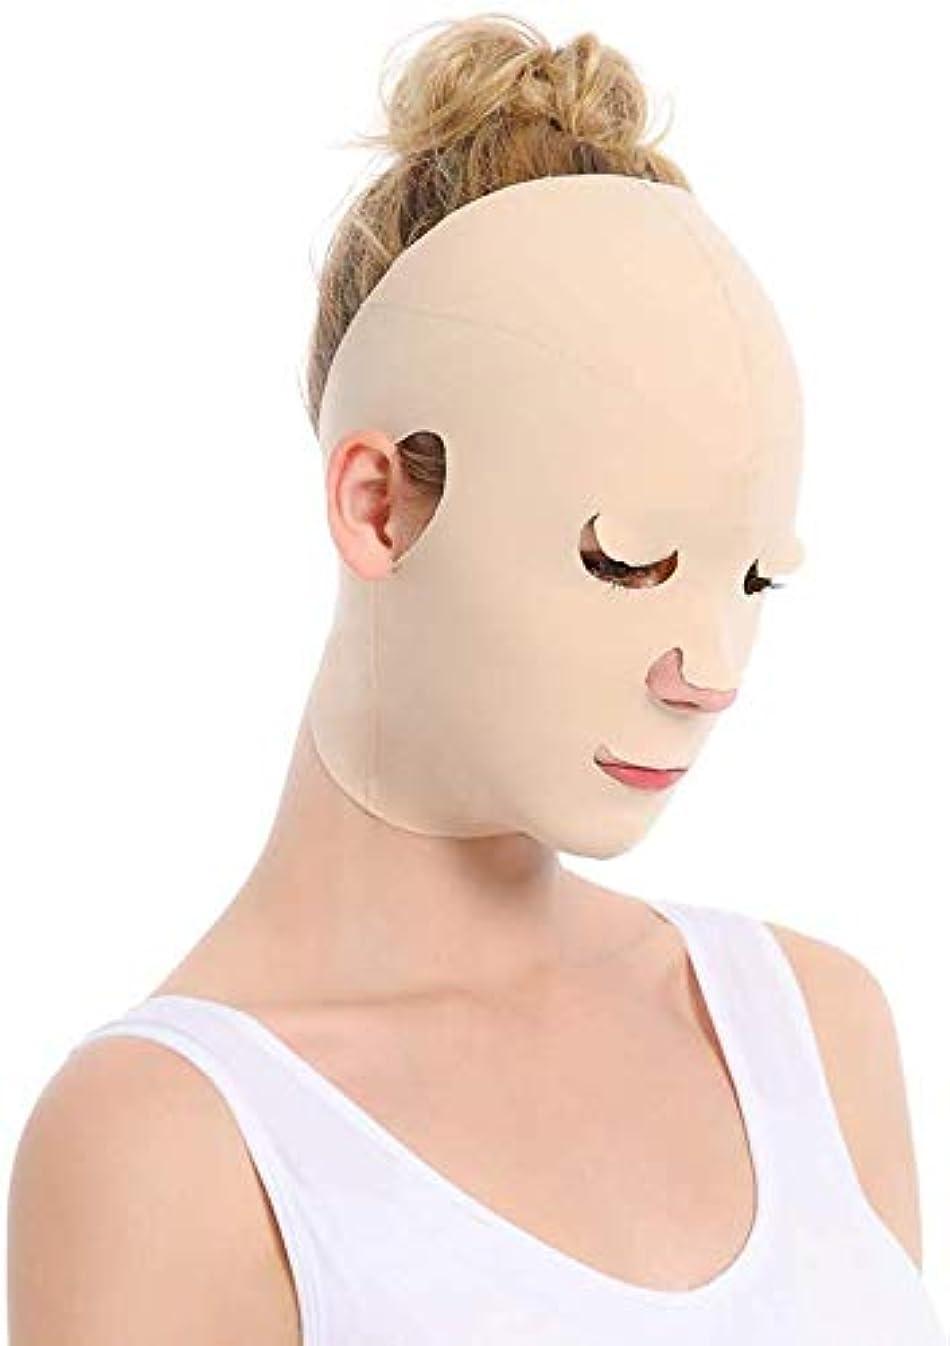 ライオネルグリーンストリート代理人コールド美容と実用的な小顔ツールV顔包帯薄い顔美容マスク怠zyな睡眠マスク男性と女性V顔包帯整形リフティング引き締め顔薄い二重あご